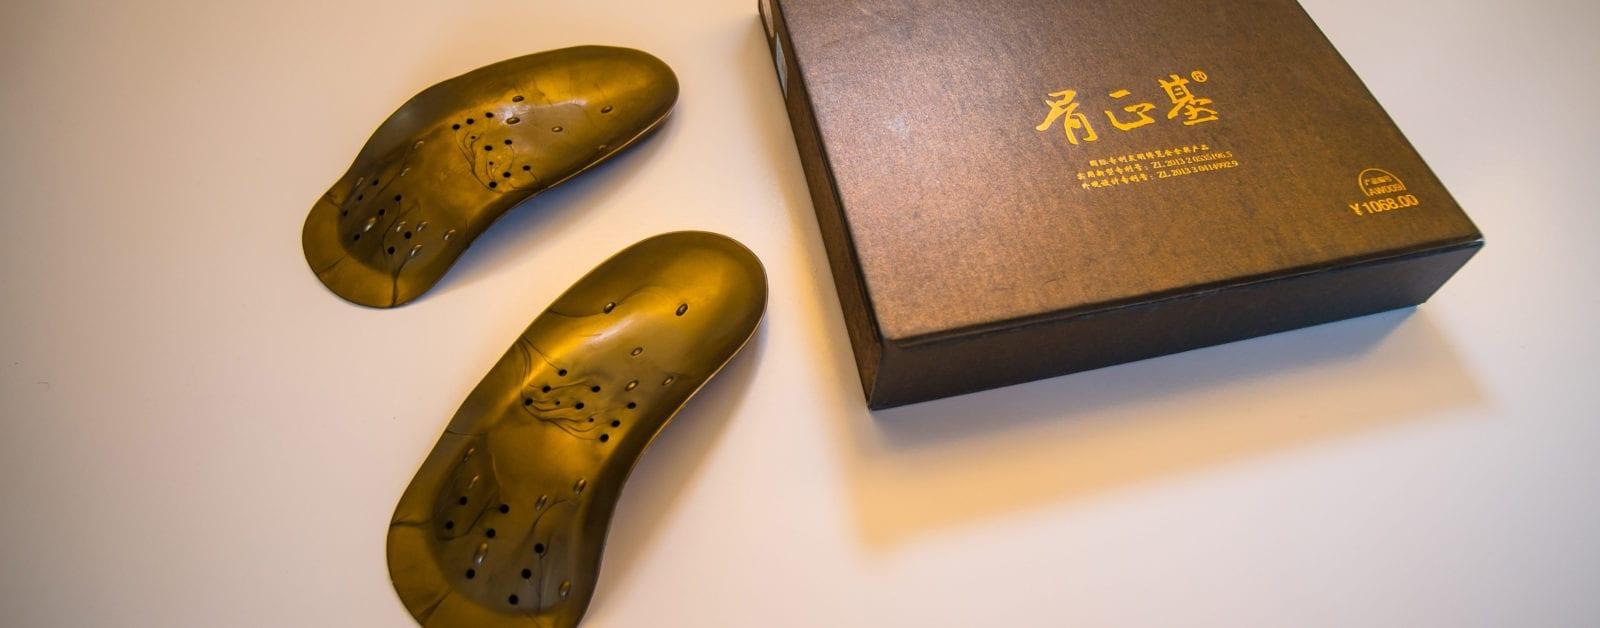 sfeerbeeld foto van guzhengji de chinese voetzooltjes te koop bij Quanjian in Eindhoven